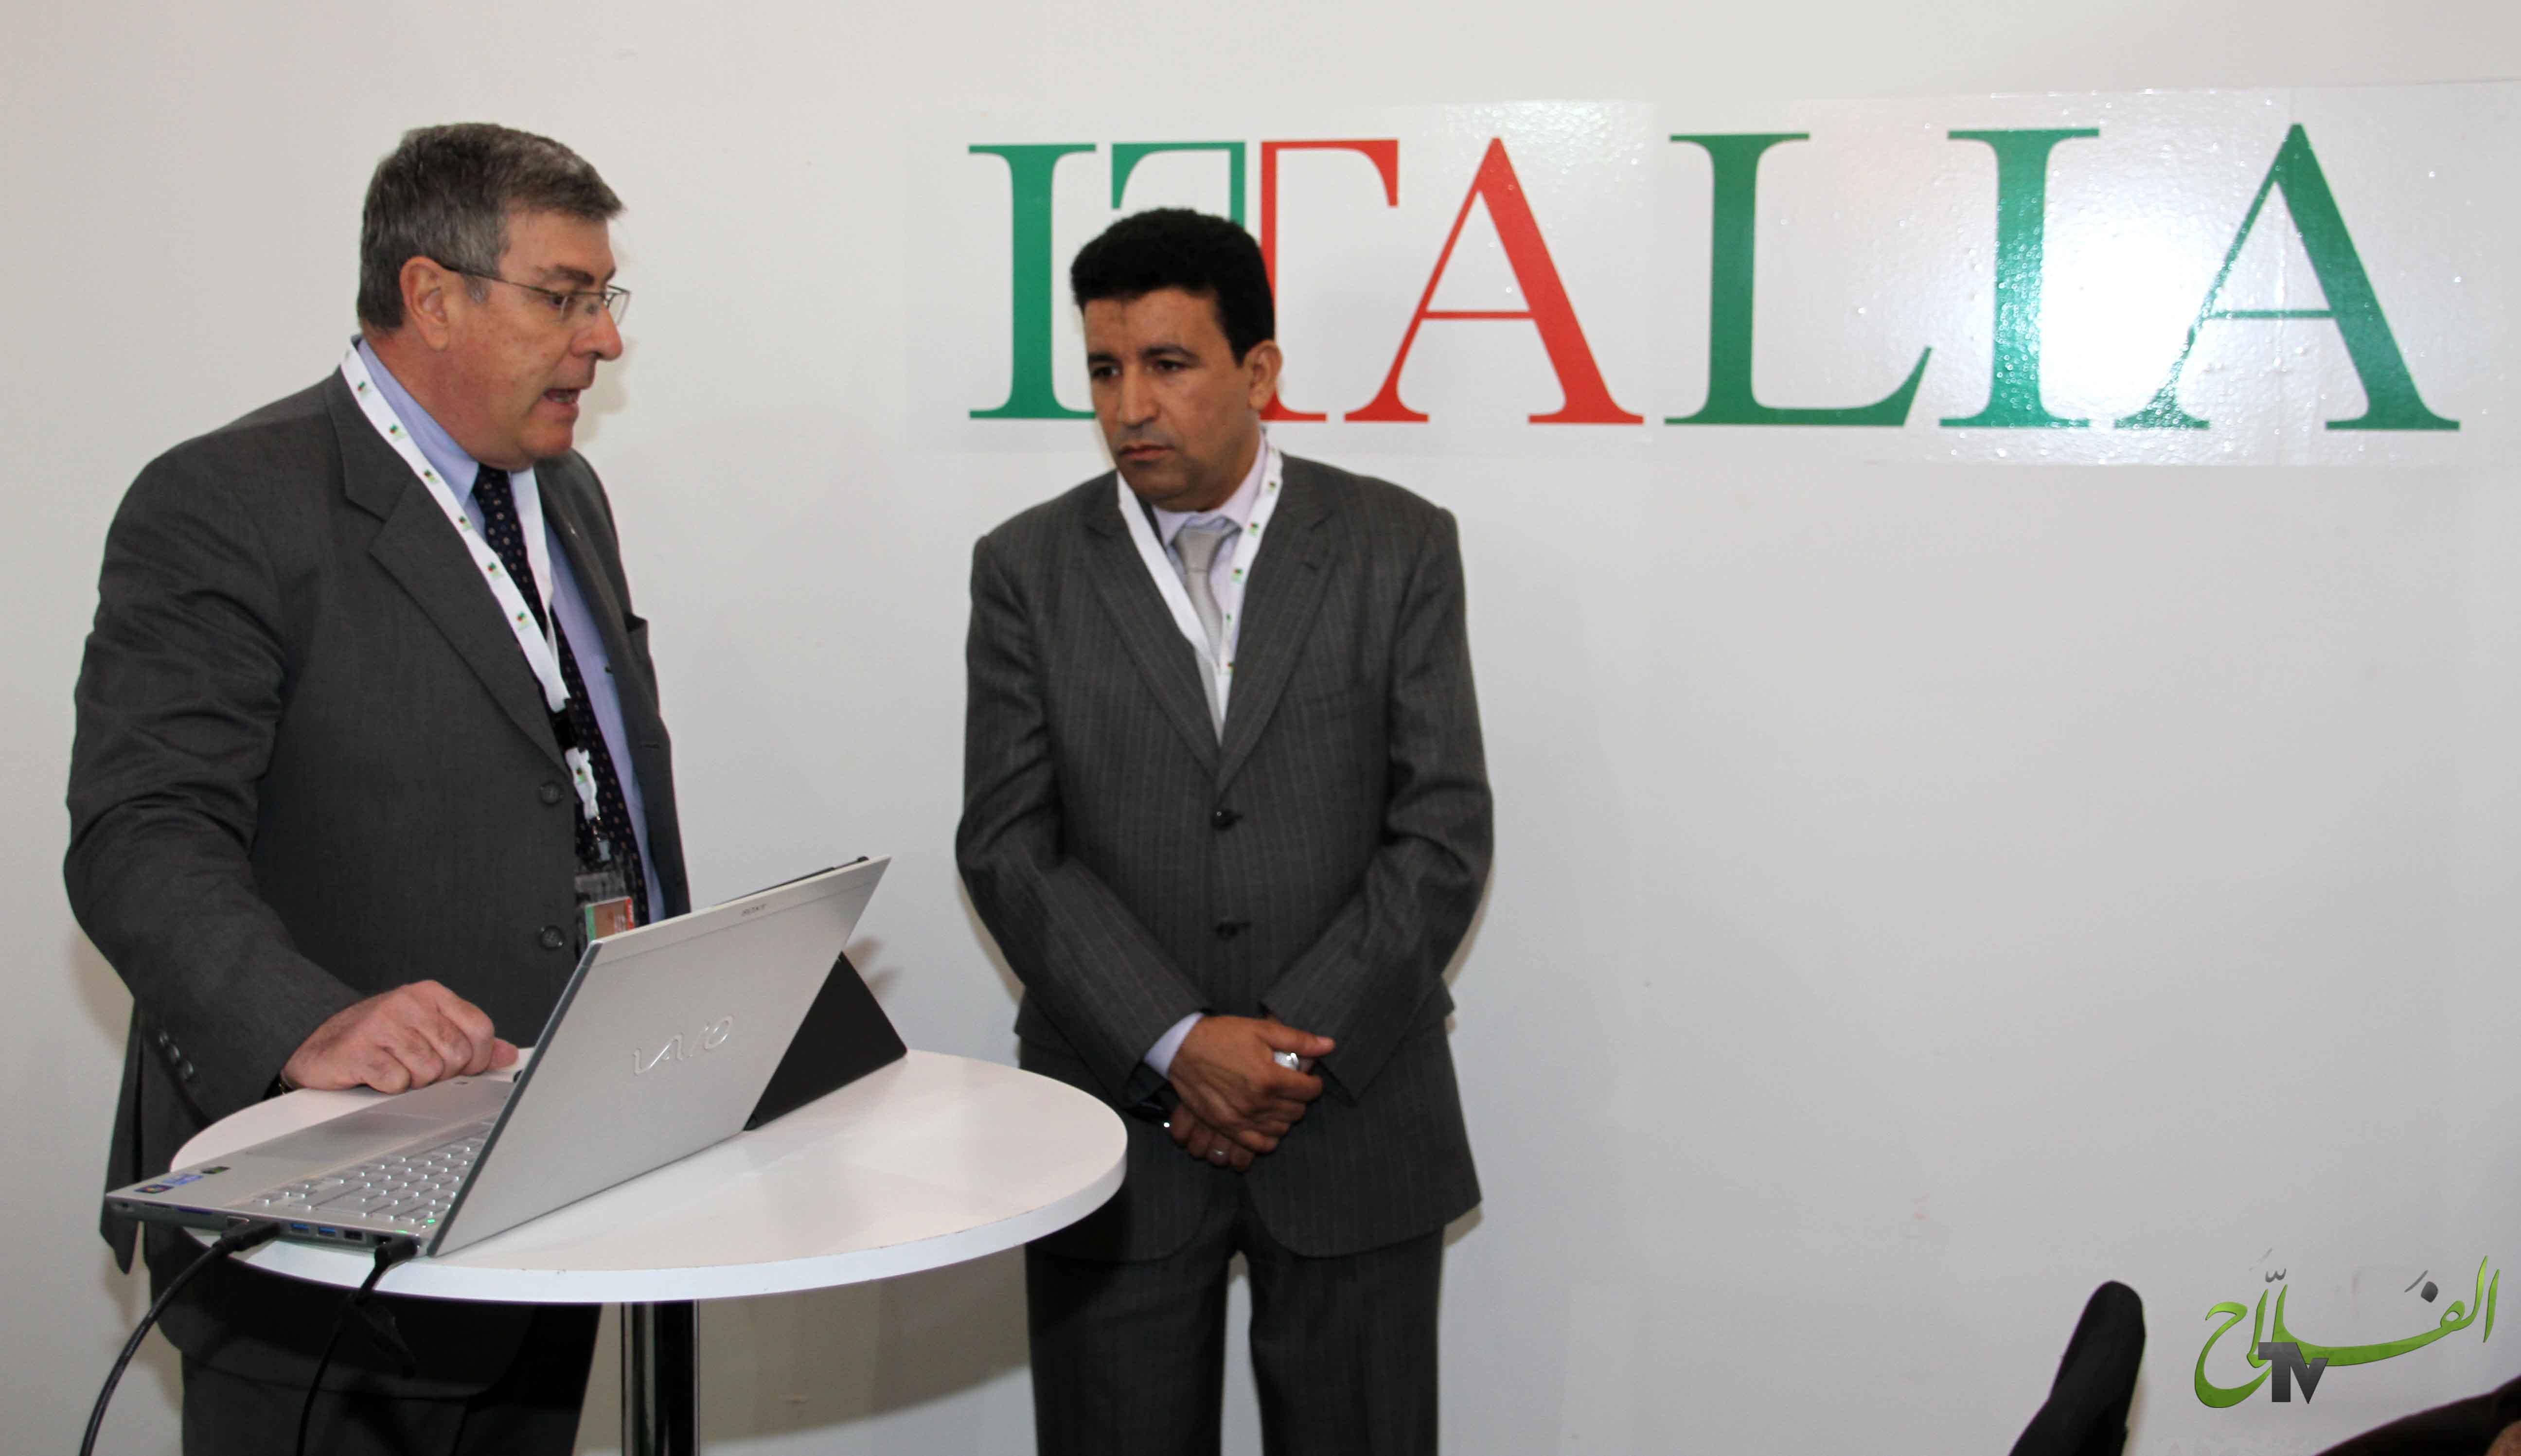 محاضرة بالرواق الايطالي حول الالات الزراعية